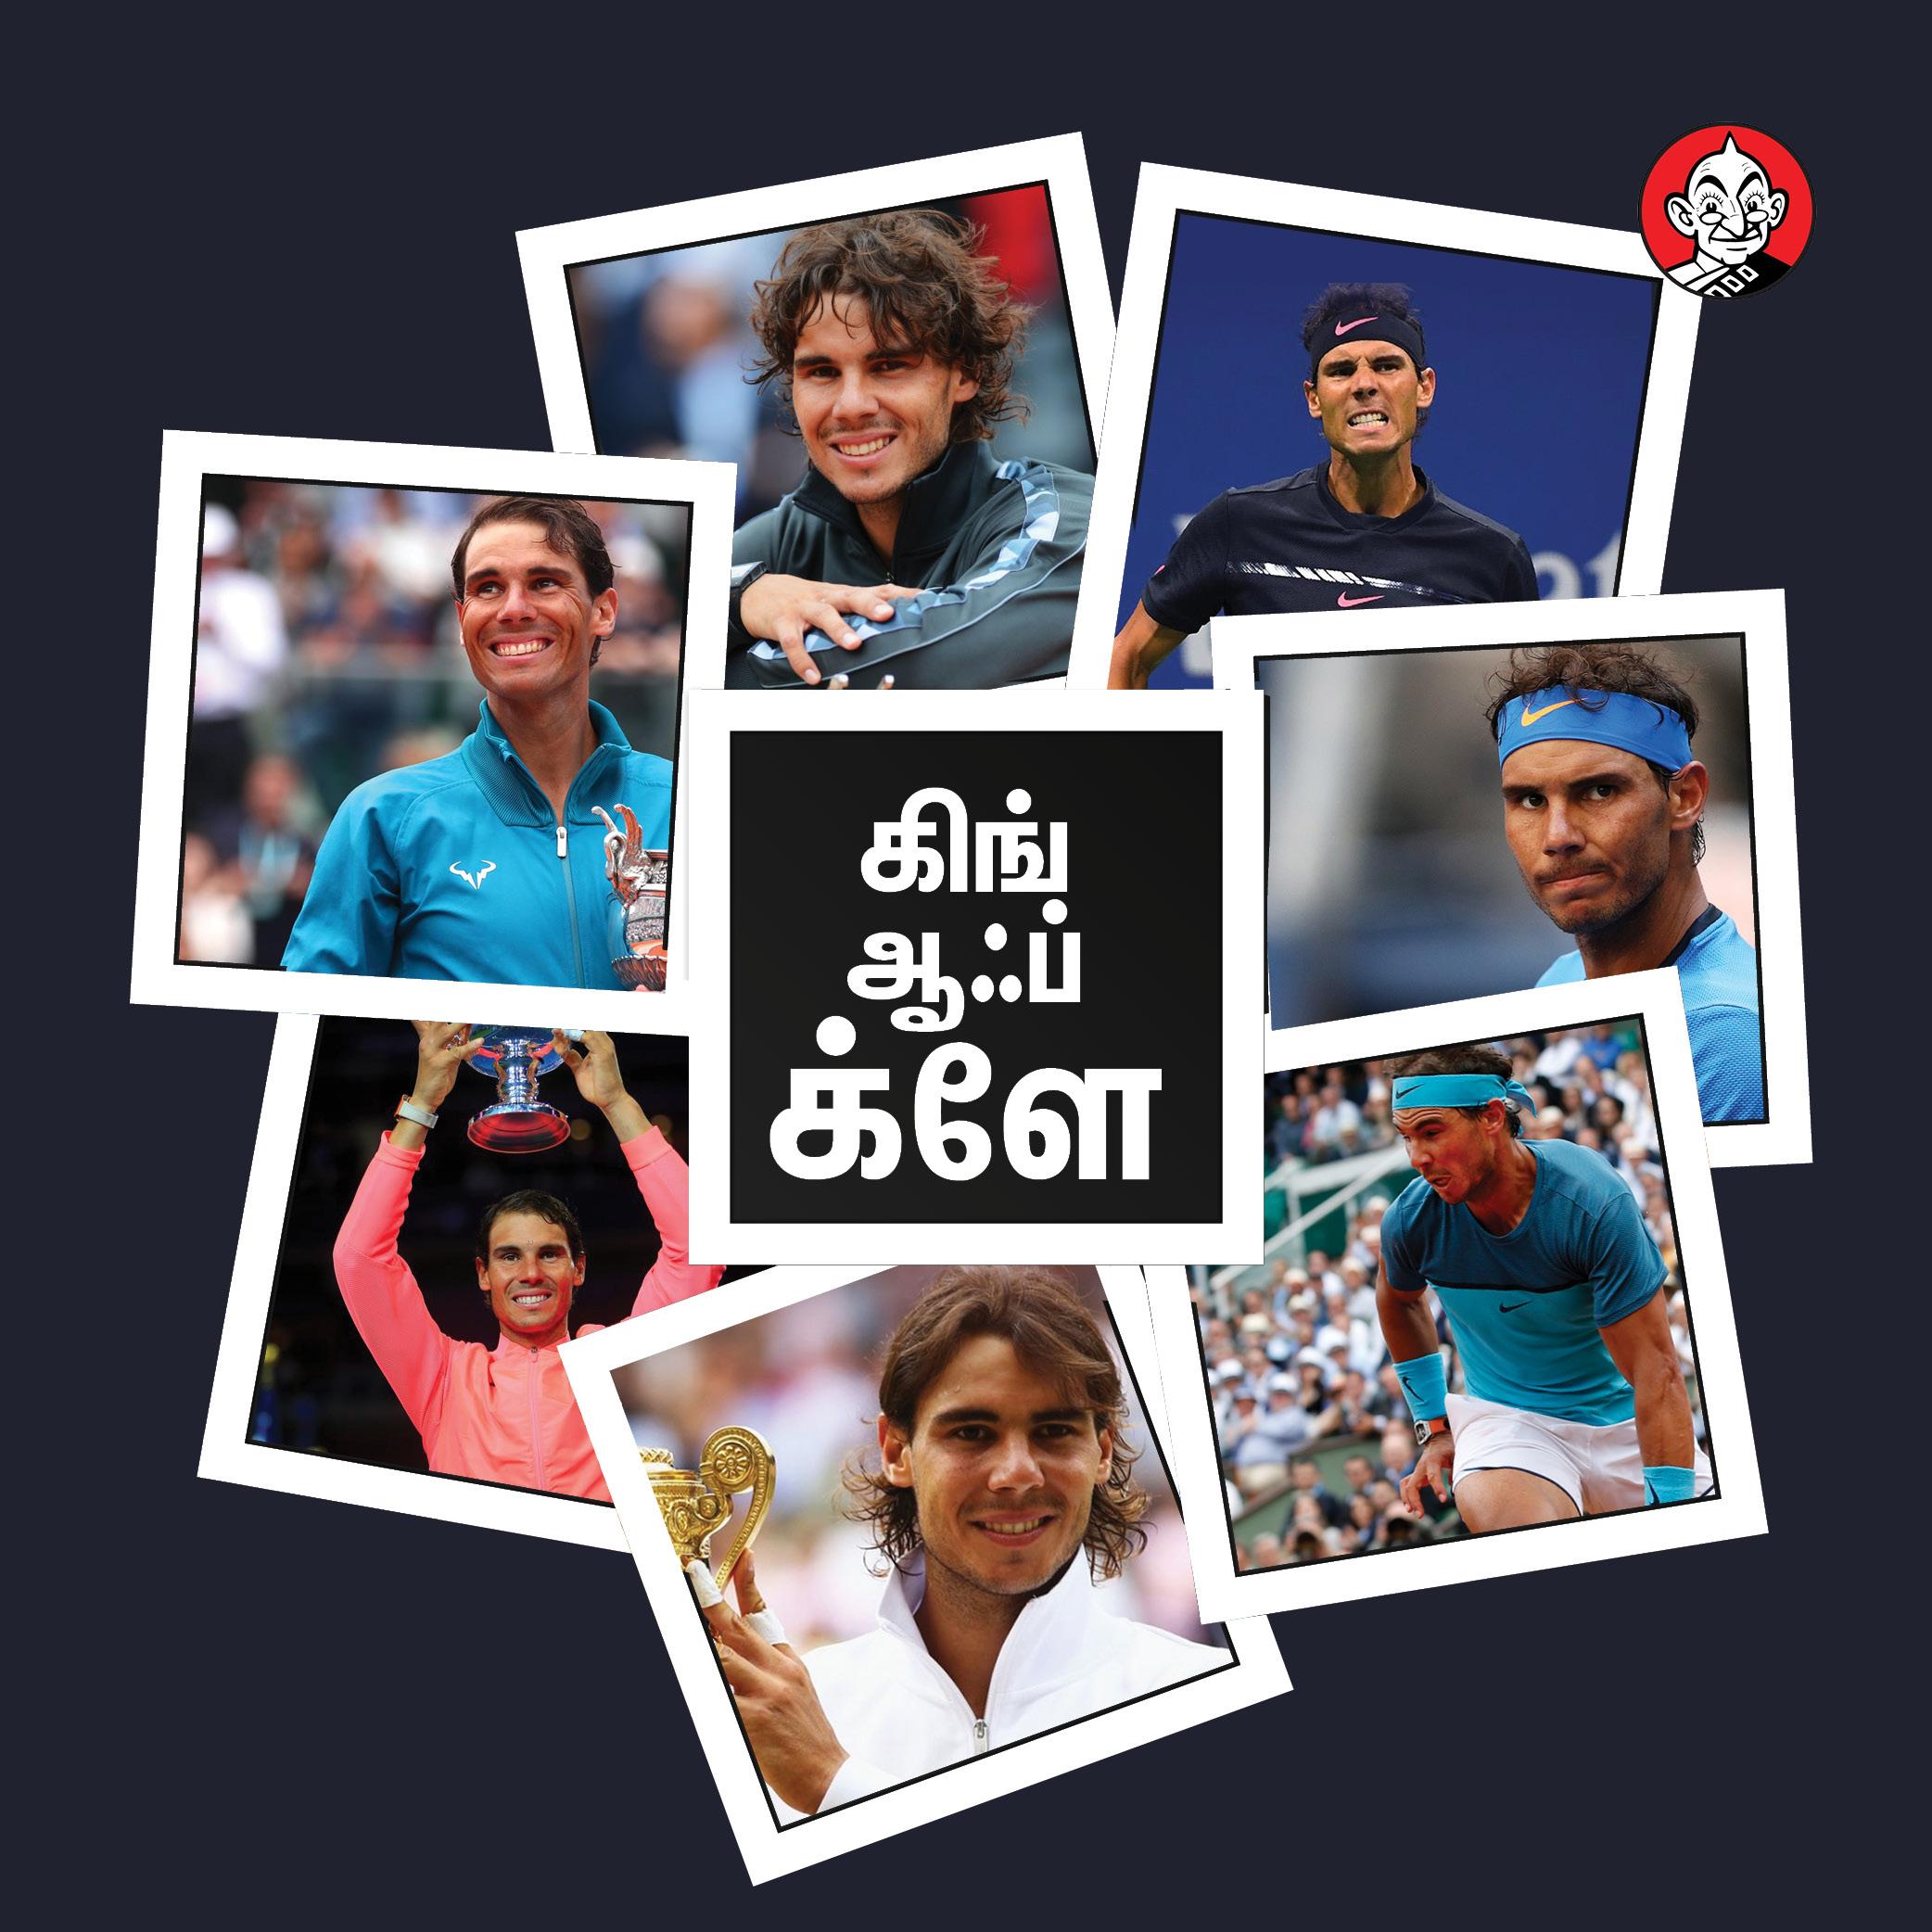 17 கிராண்ட்ஸ்லாம் கோப்பைகள், பட்டங்கள் பட்டியலில் 4வது இடம்! - தி ரியல் ராஜா நடால்